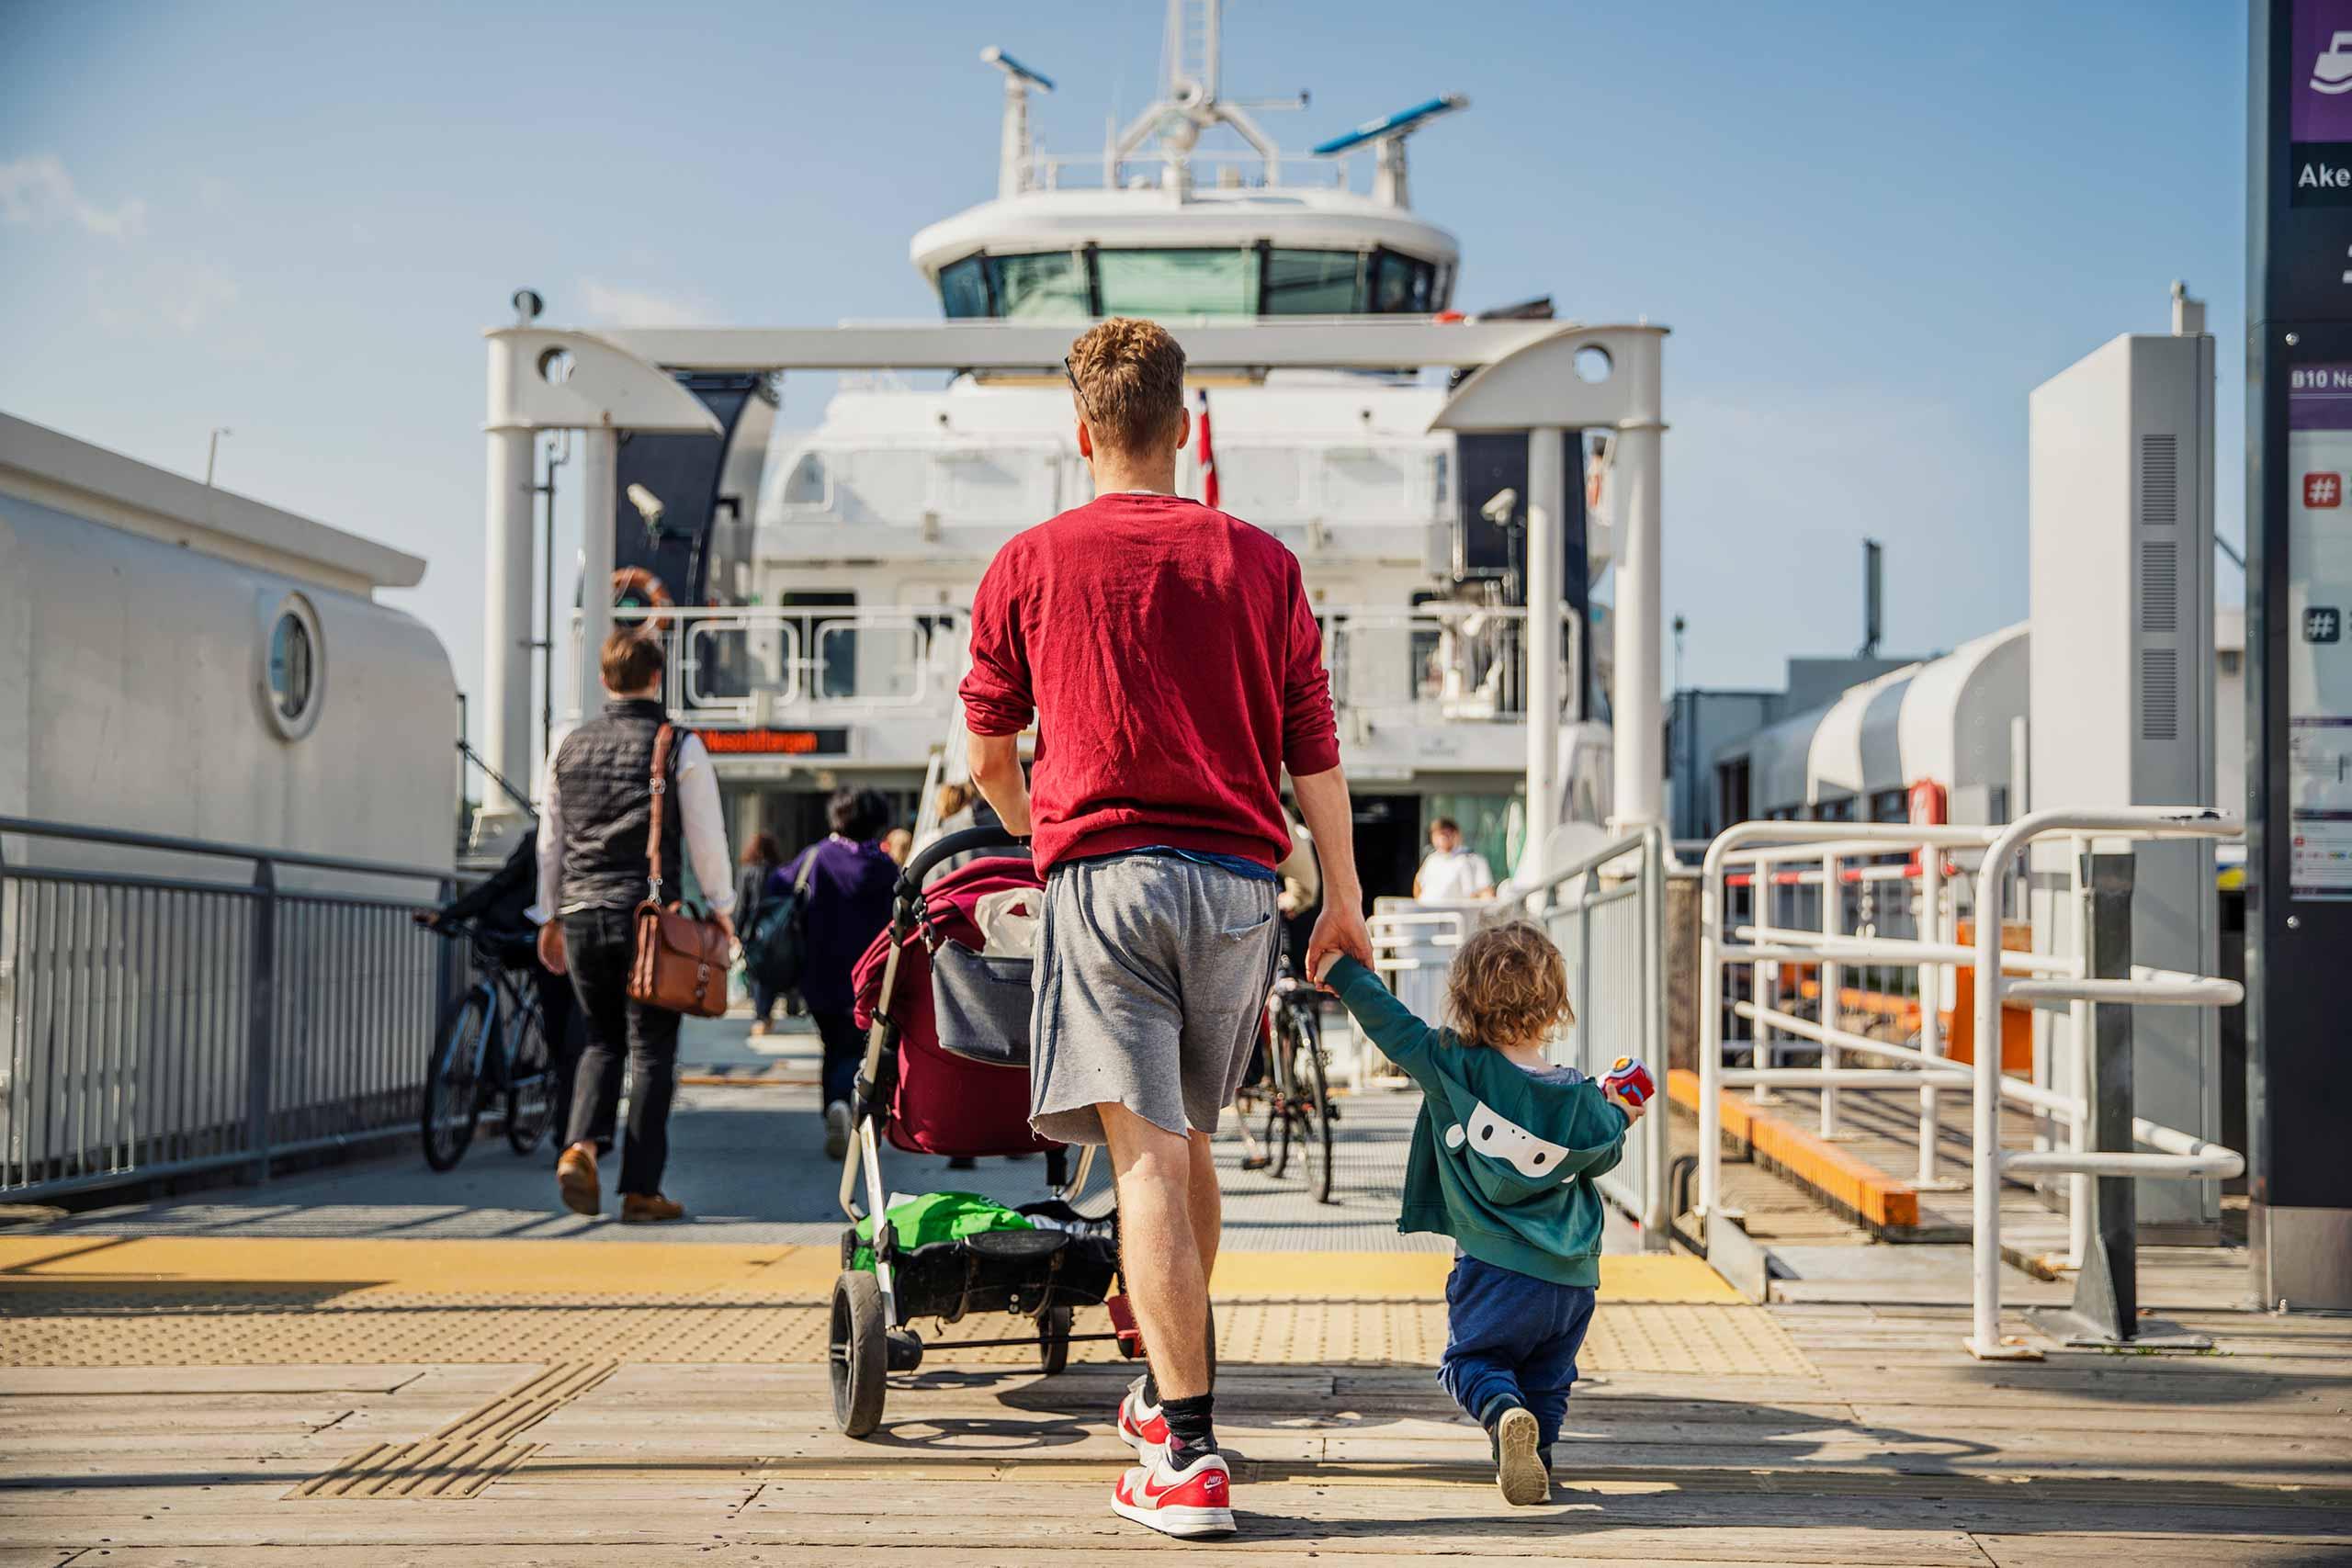 Bilde av passasjerer som går ombord på båt